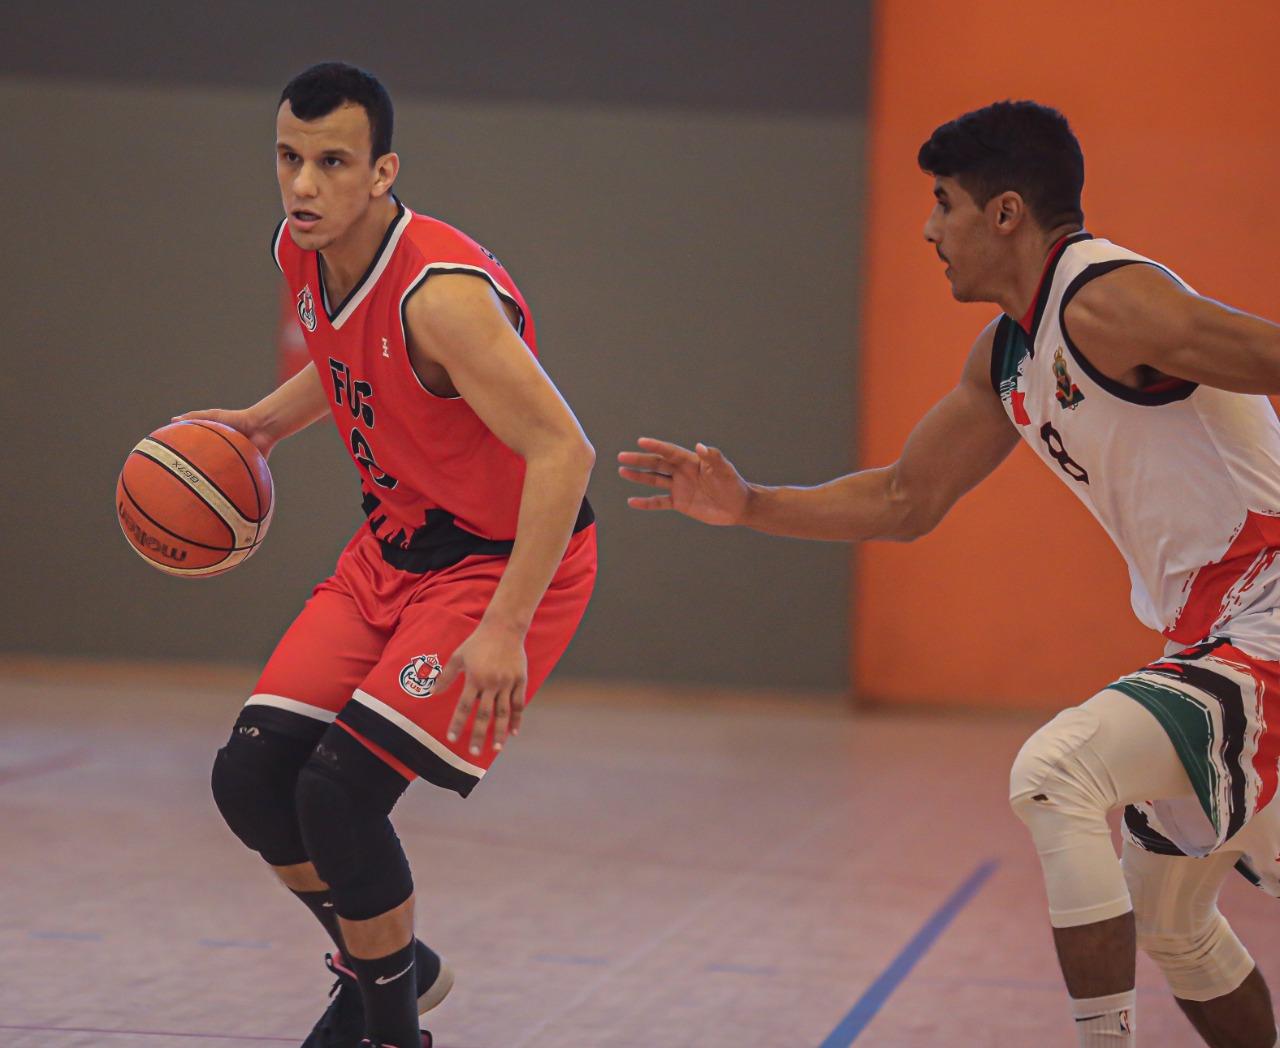 البطولة الوطنية لكرة السلة (القسم الممتاز).. نتائج الدورة الأولى